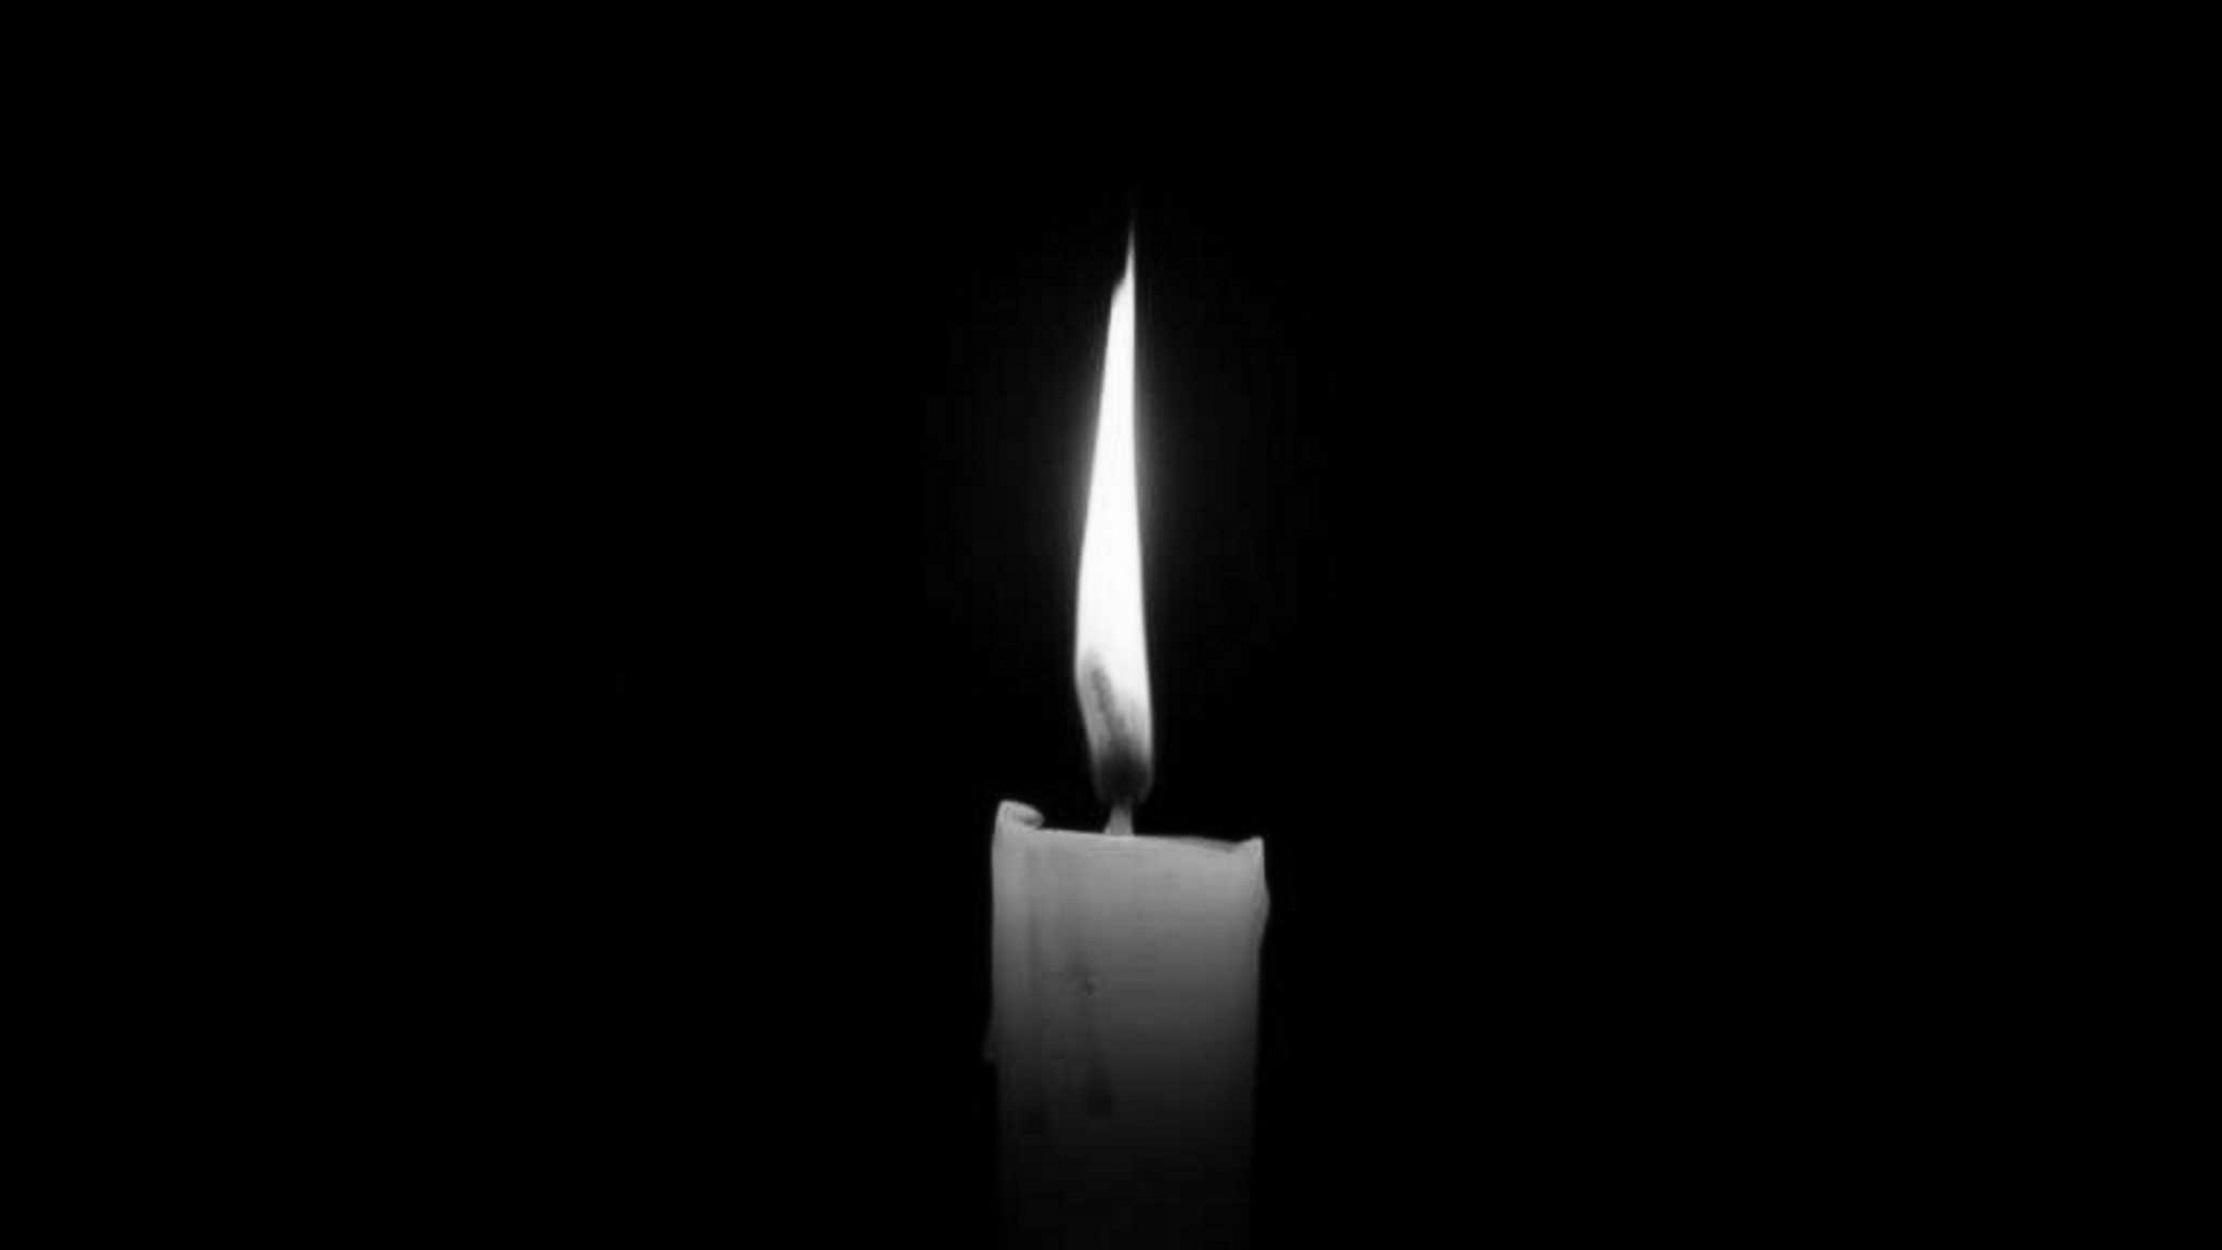 Ηράκλειο: Θρήνος για την μαθήτρια που έφυγε από τη ζωή – Ραγίζει καρδιές το μήνυμα των καθηγητών